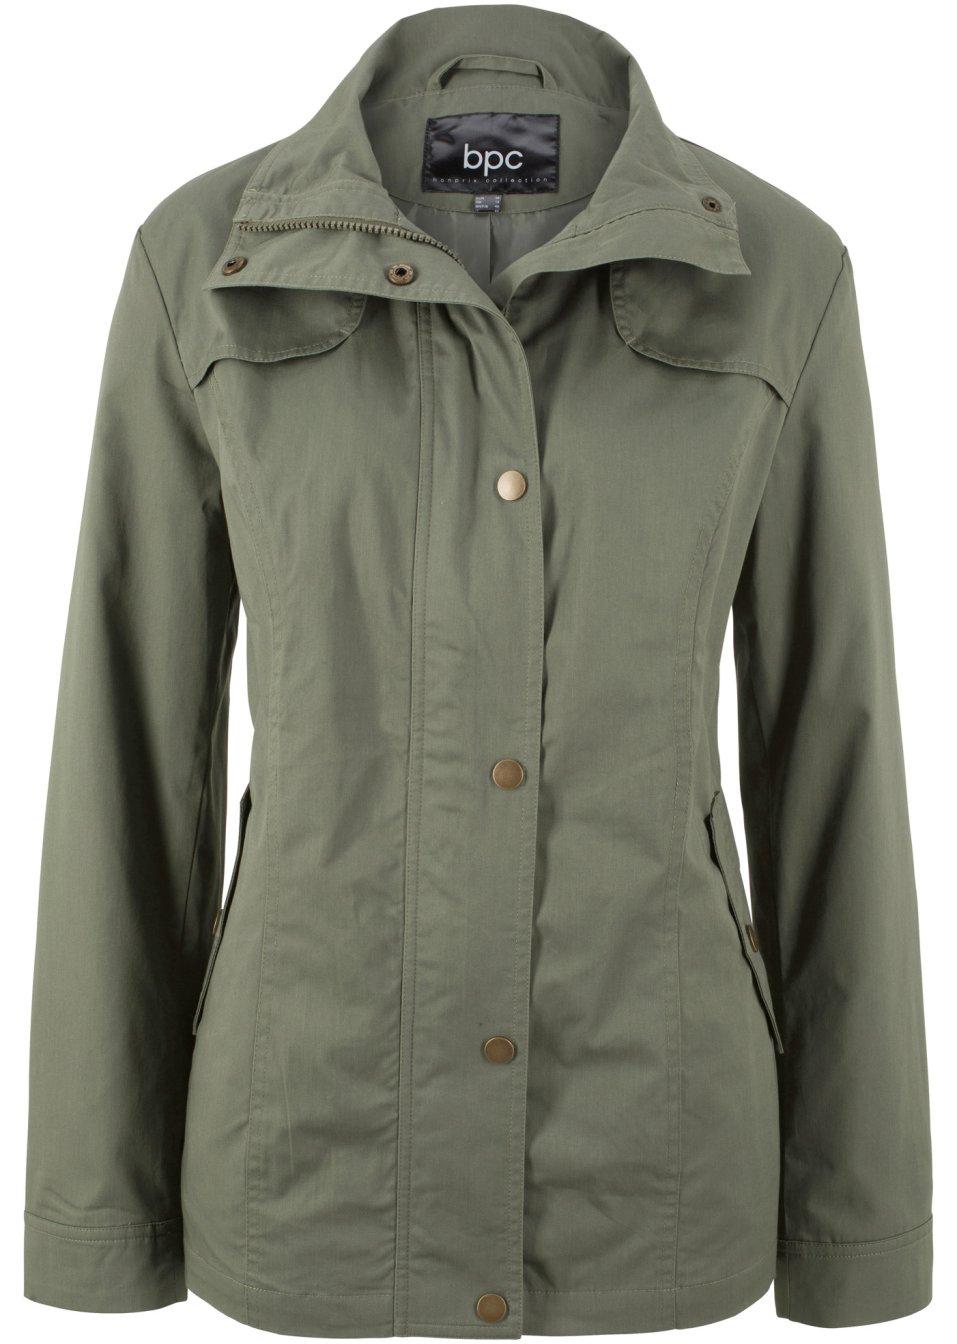 Komfortable Jacke mit Seitentaschen - oliv g9UhF P8N7B